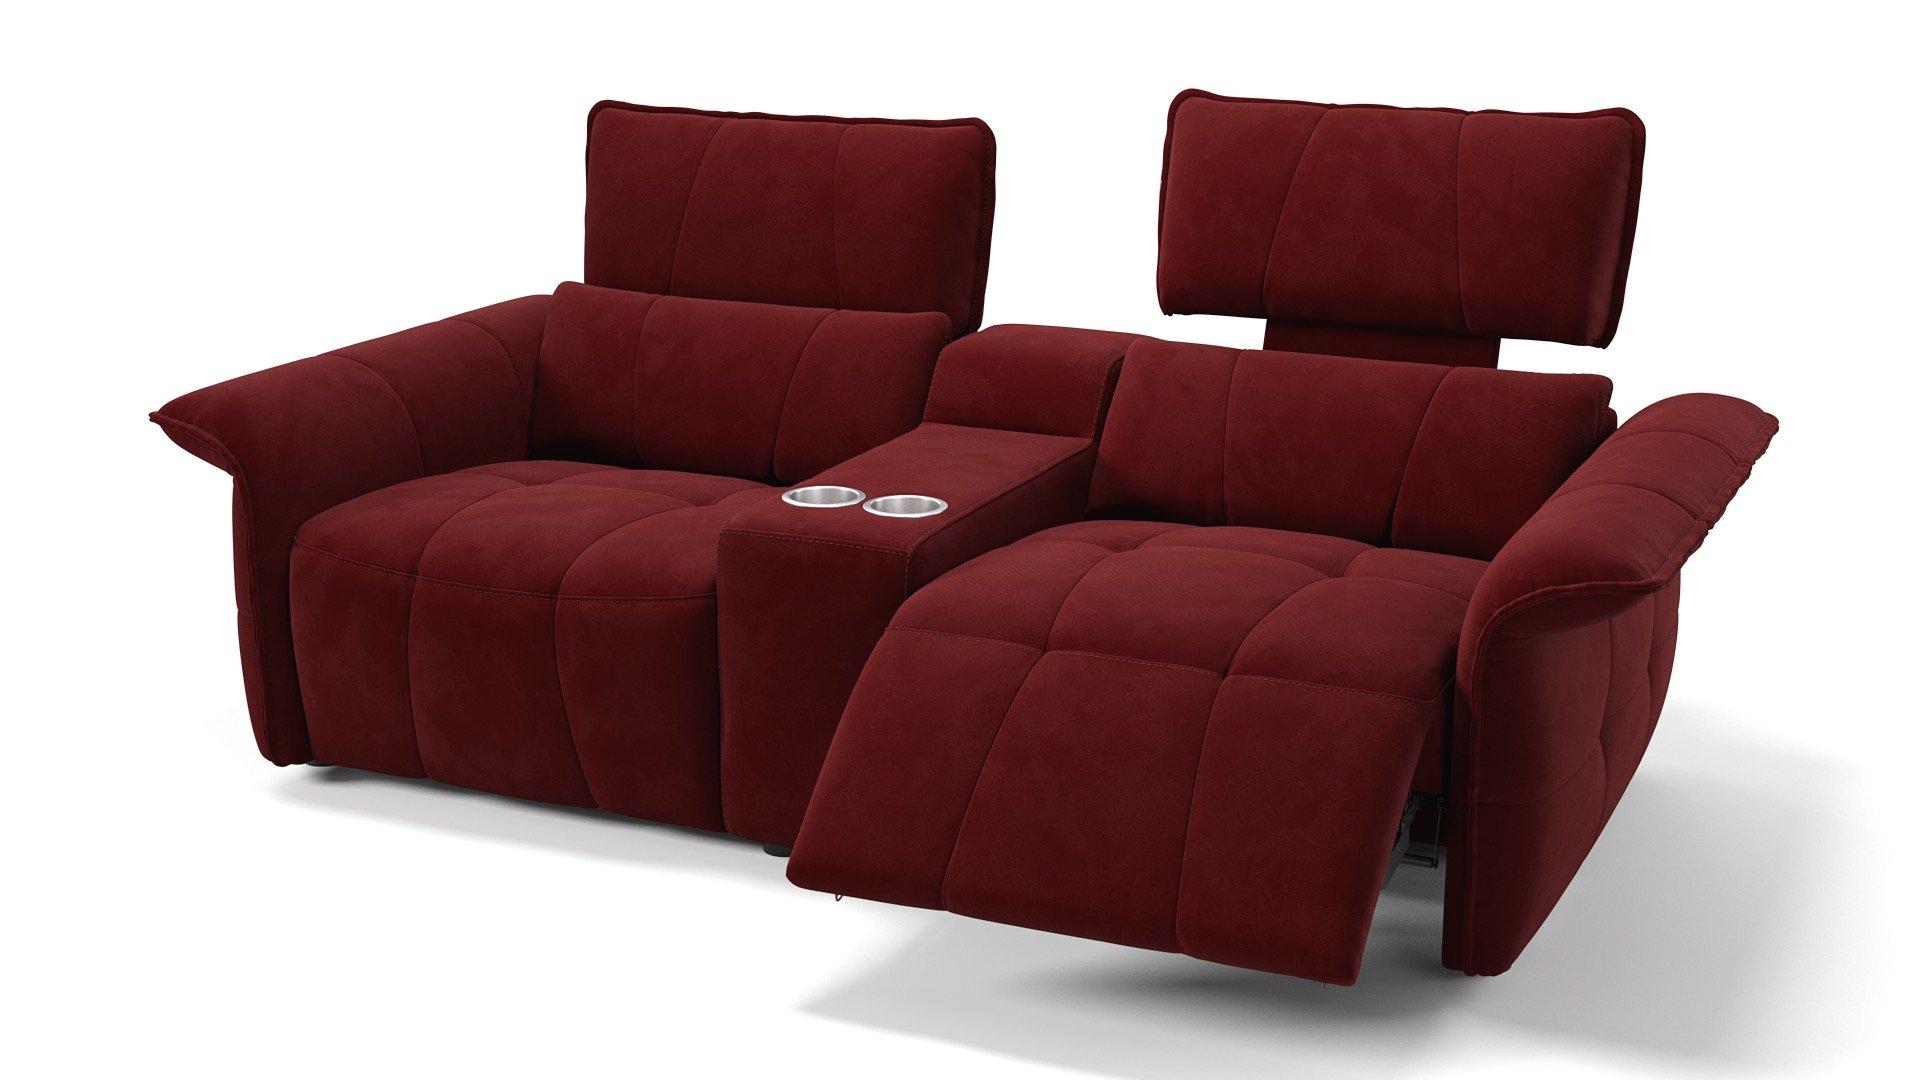 Stoff 2-Sitzer Kinosofa ADRIA